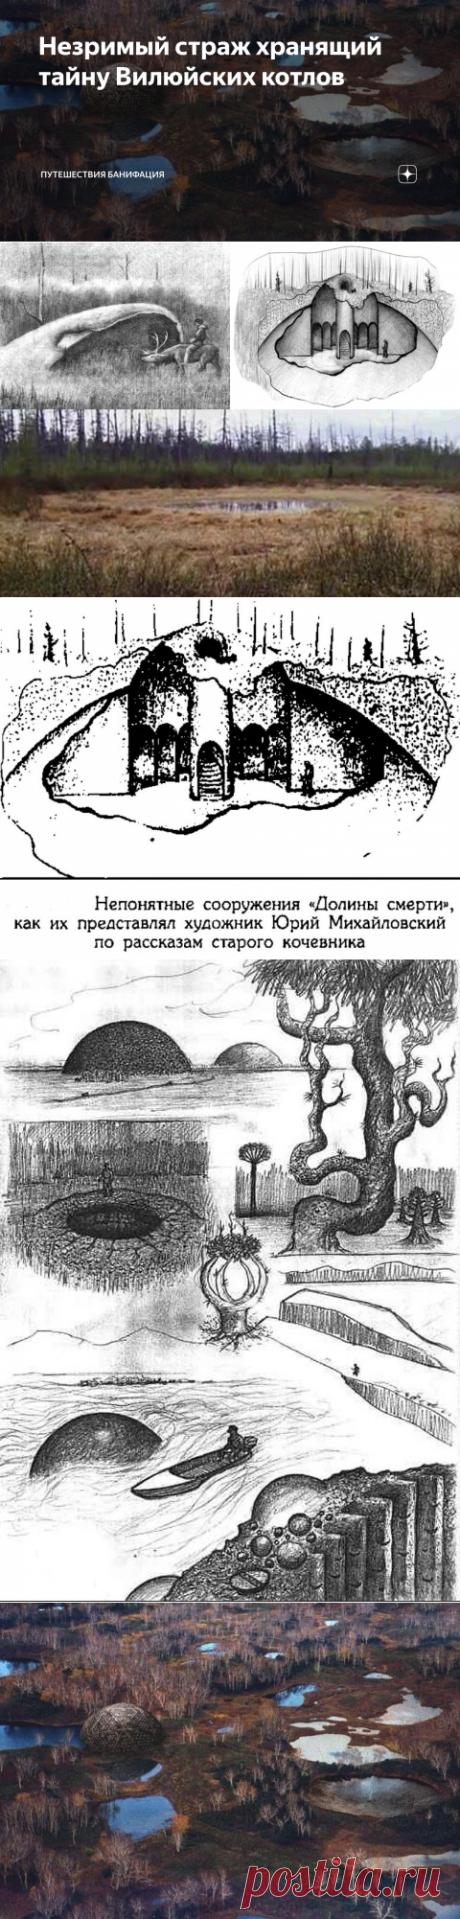 Незримый страж хранящий тайну Вилюйских котлов | Путешествия Банифация | Яндекс Дзен